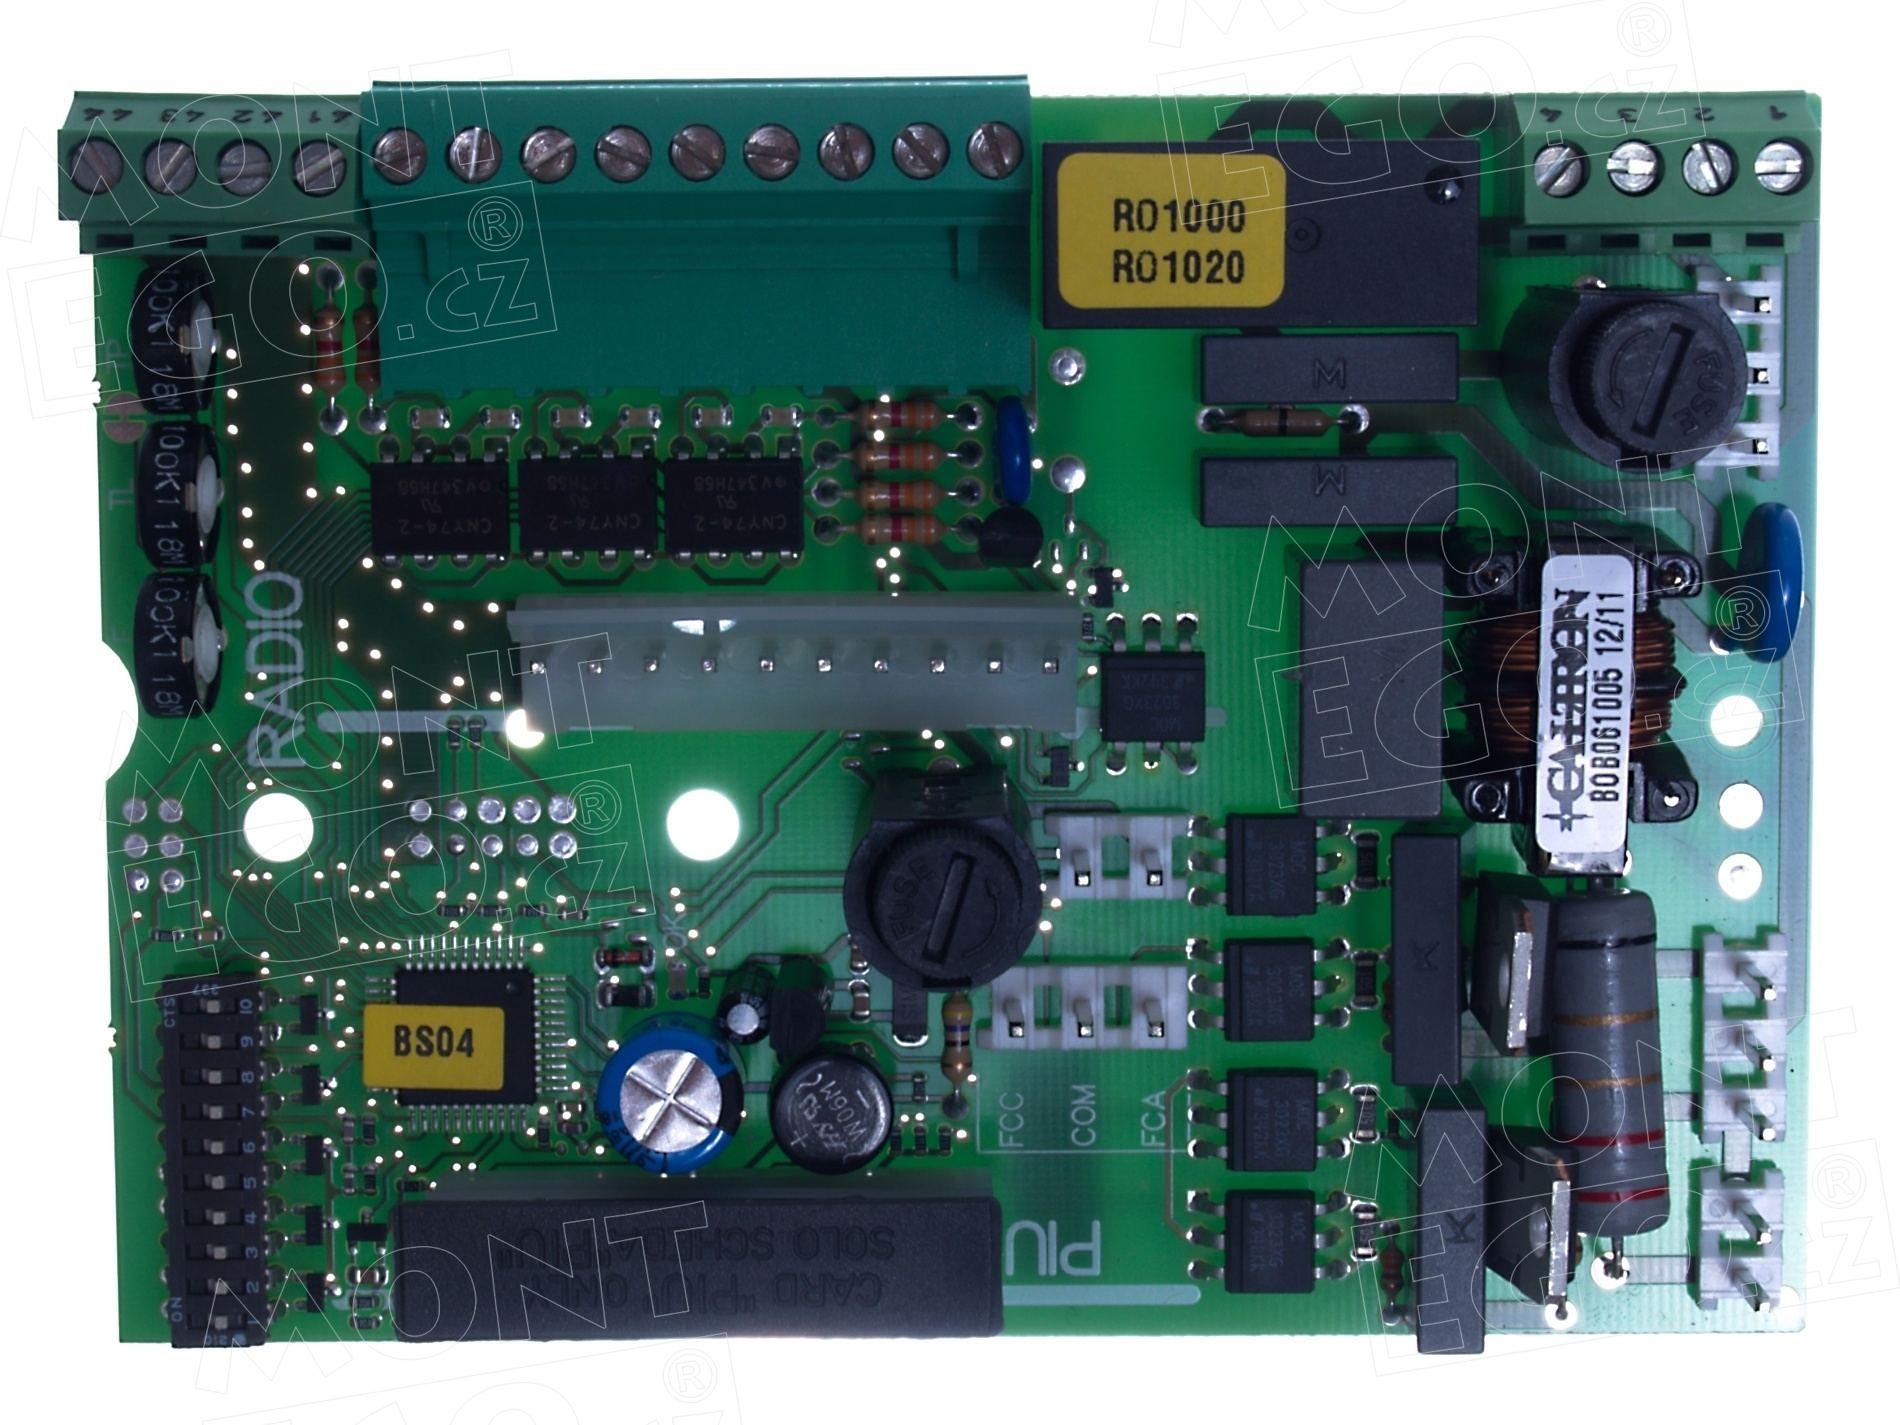 ROA3 náhradní řídící jednotka do pohonu Nice RO1000, Robo 1000